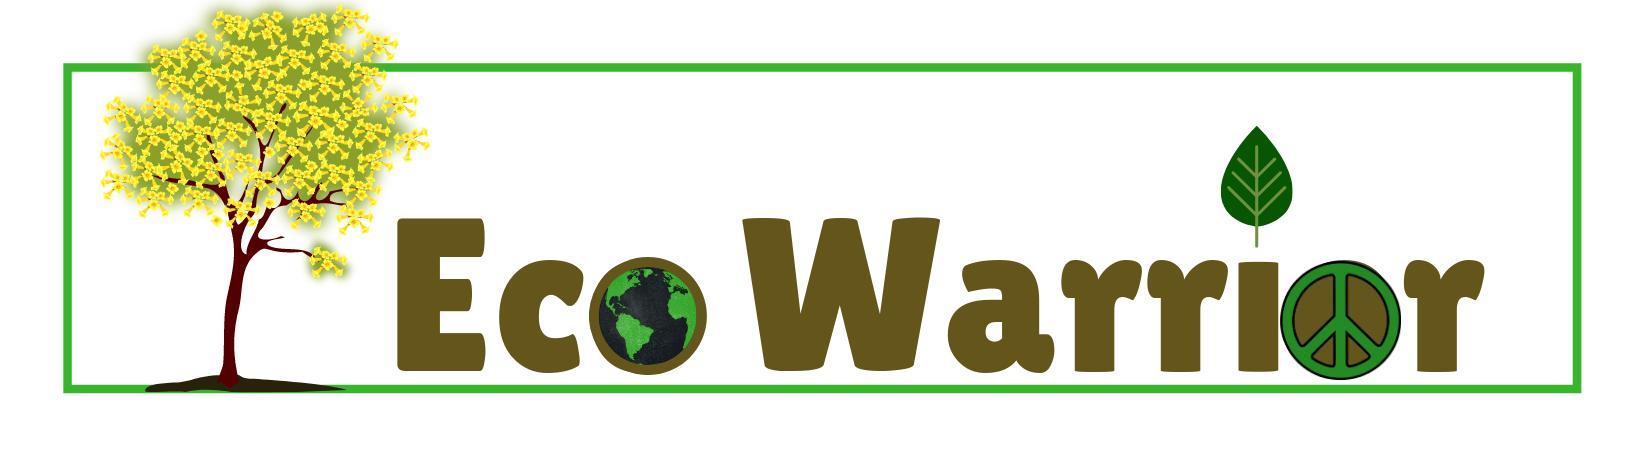 Eco-Warrior-1-1